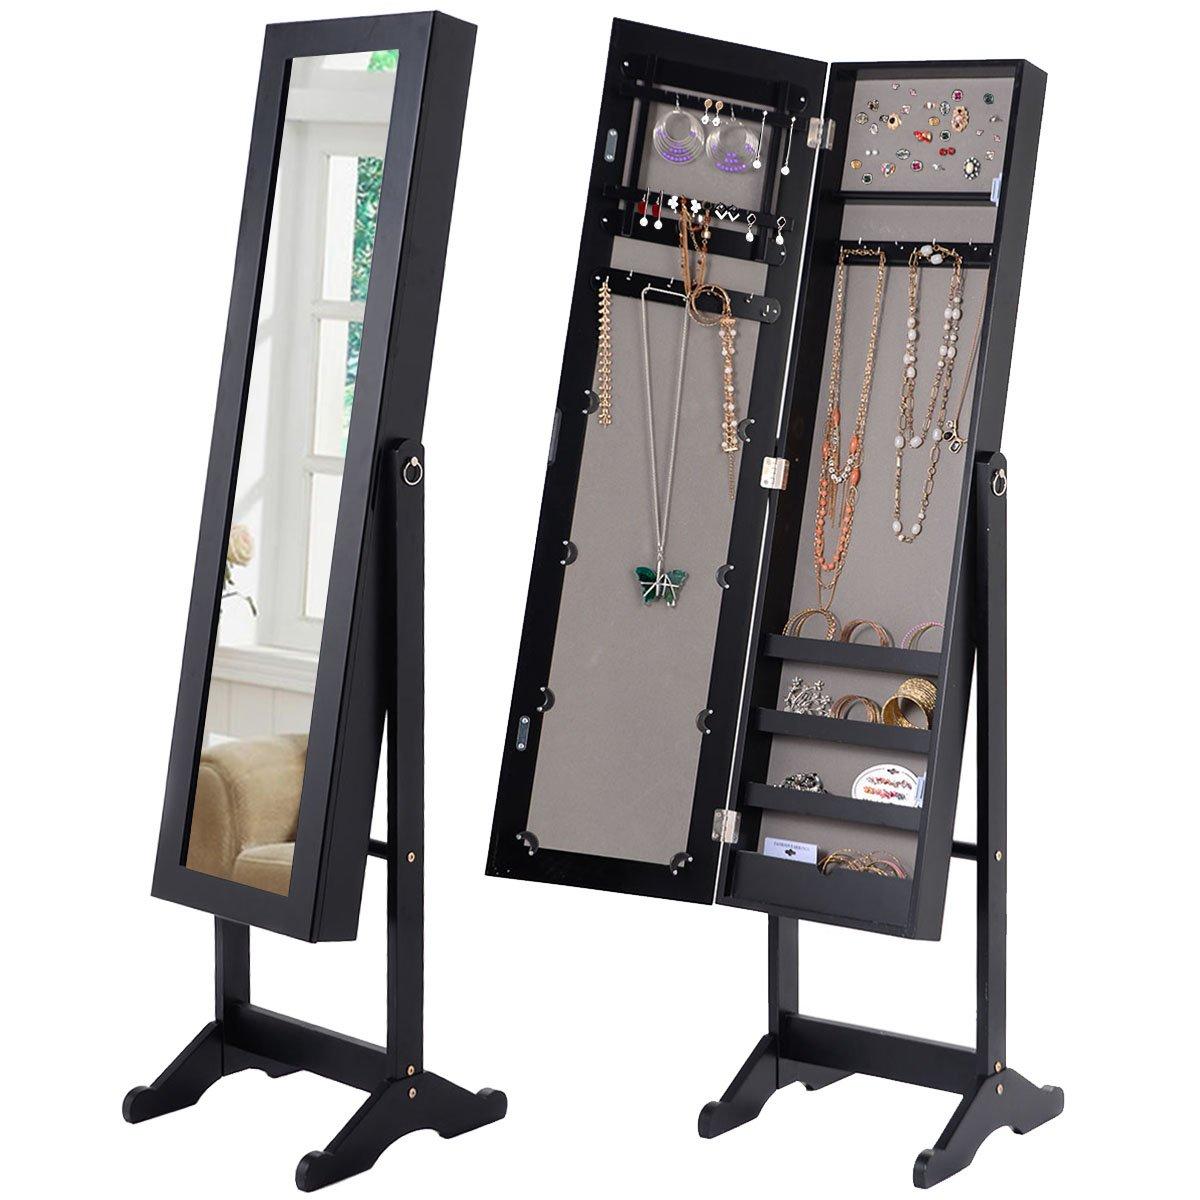 COSTWAY Schmuckschrank Standspiegel Spiegelschrank Schmuckkasten Schmuck 34 x 36 x 145cm schwarz weiß (Schwarz)